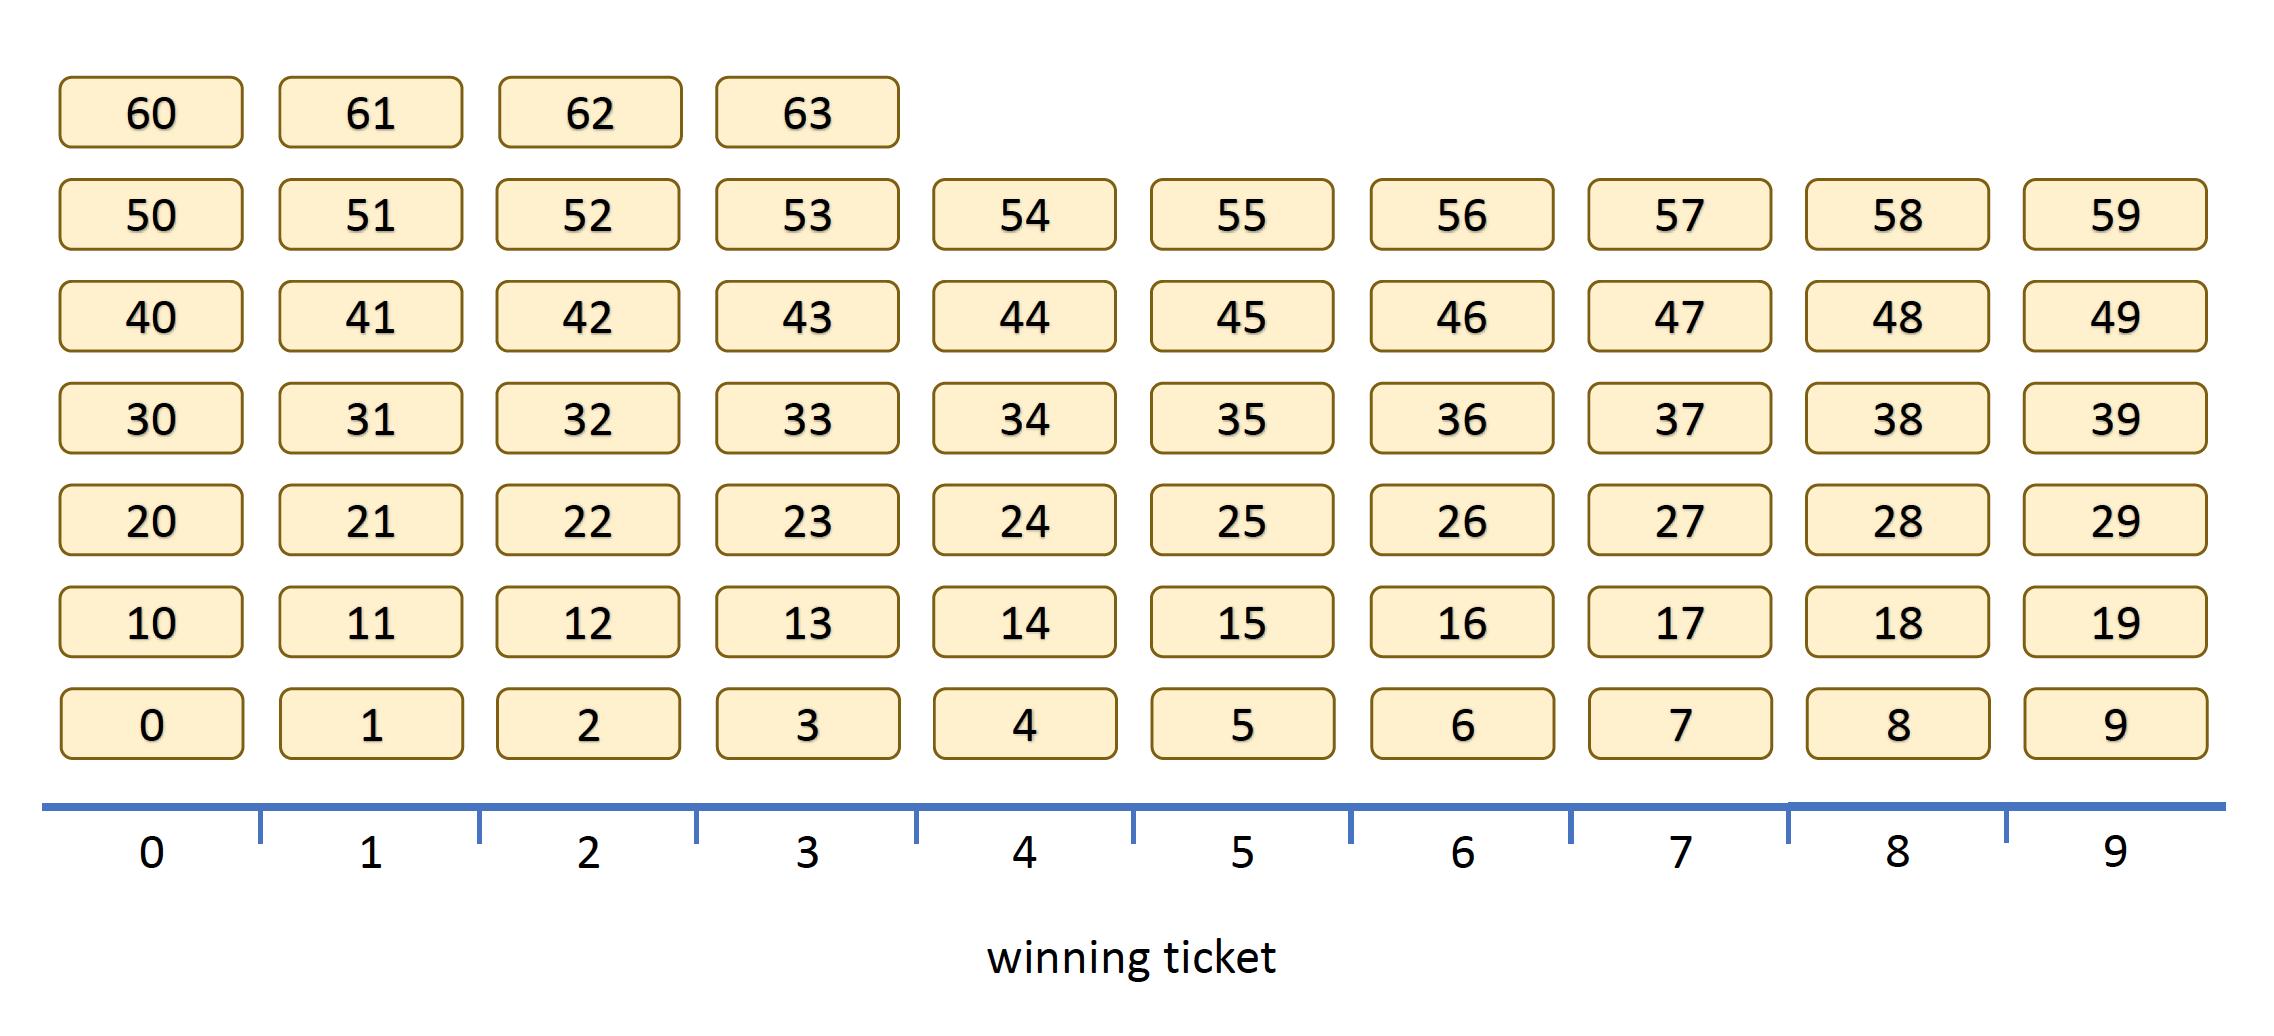 Generating random integers from random bytes